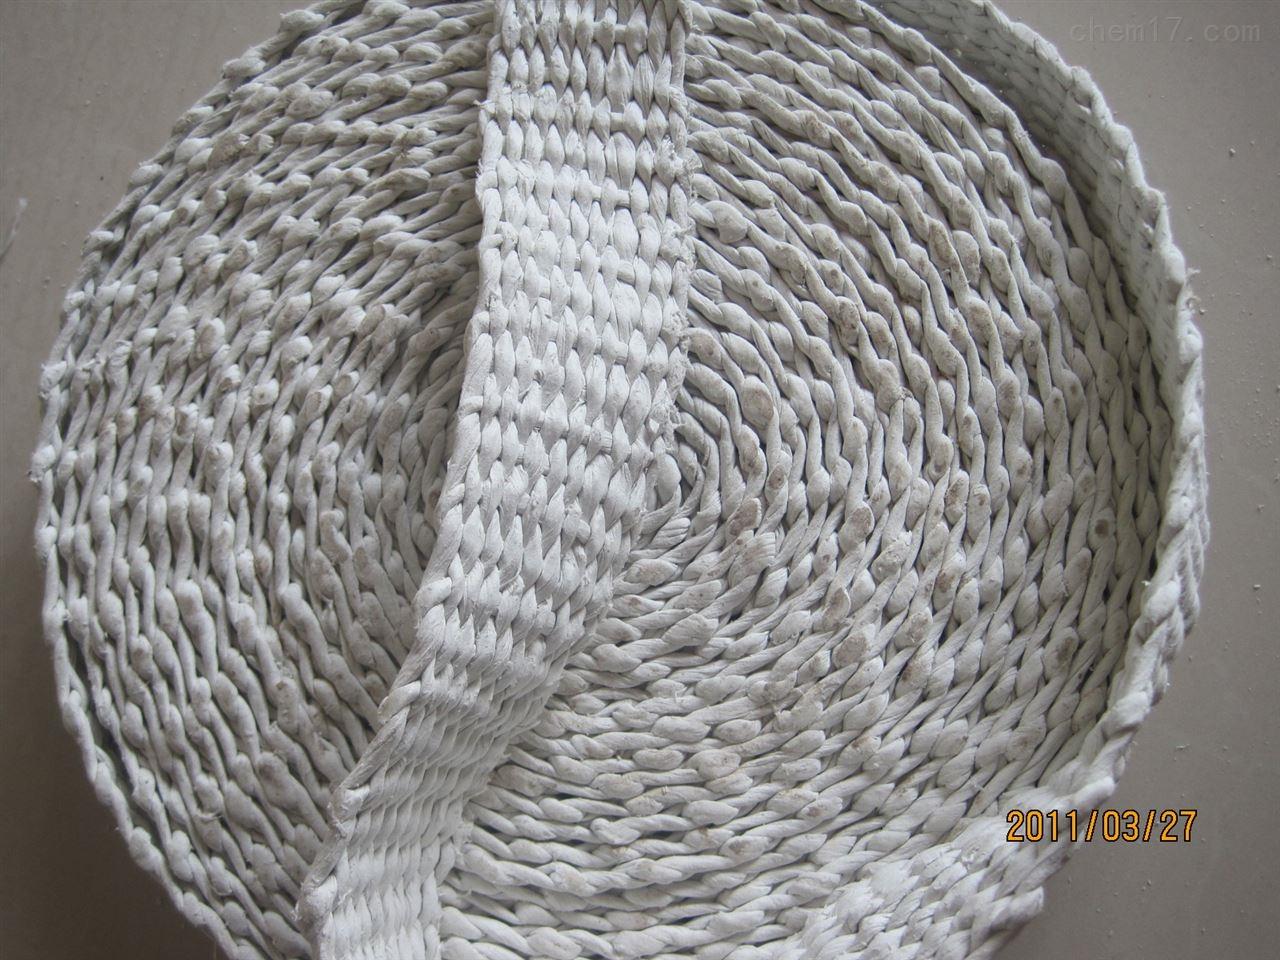 供应山西太原有尘石棉绳,耐高温性能优越